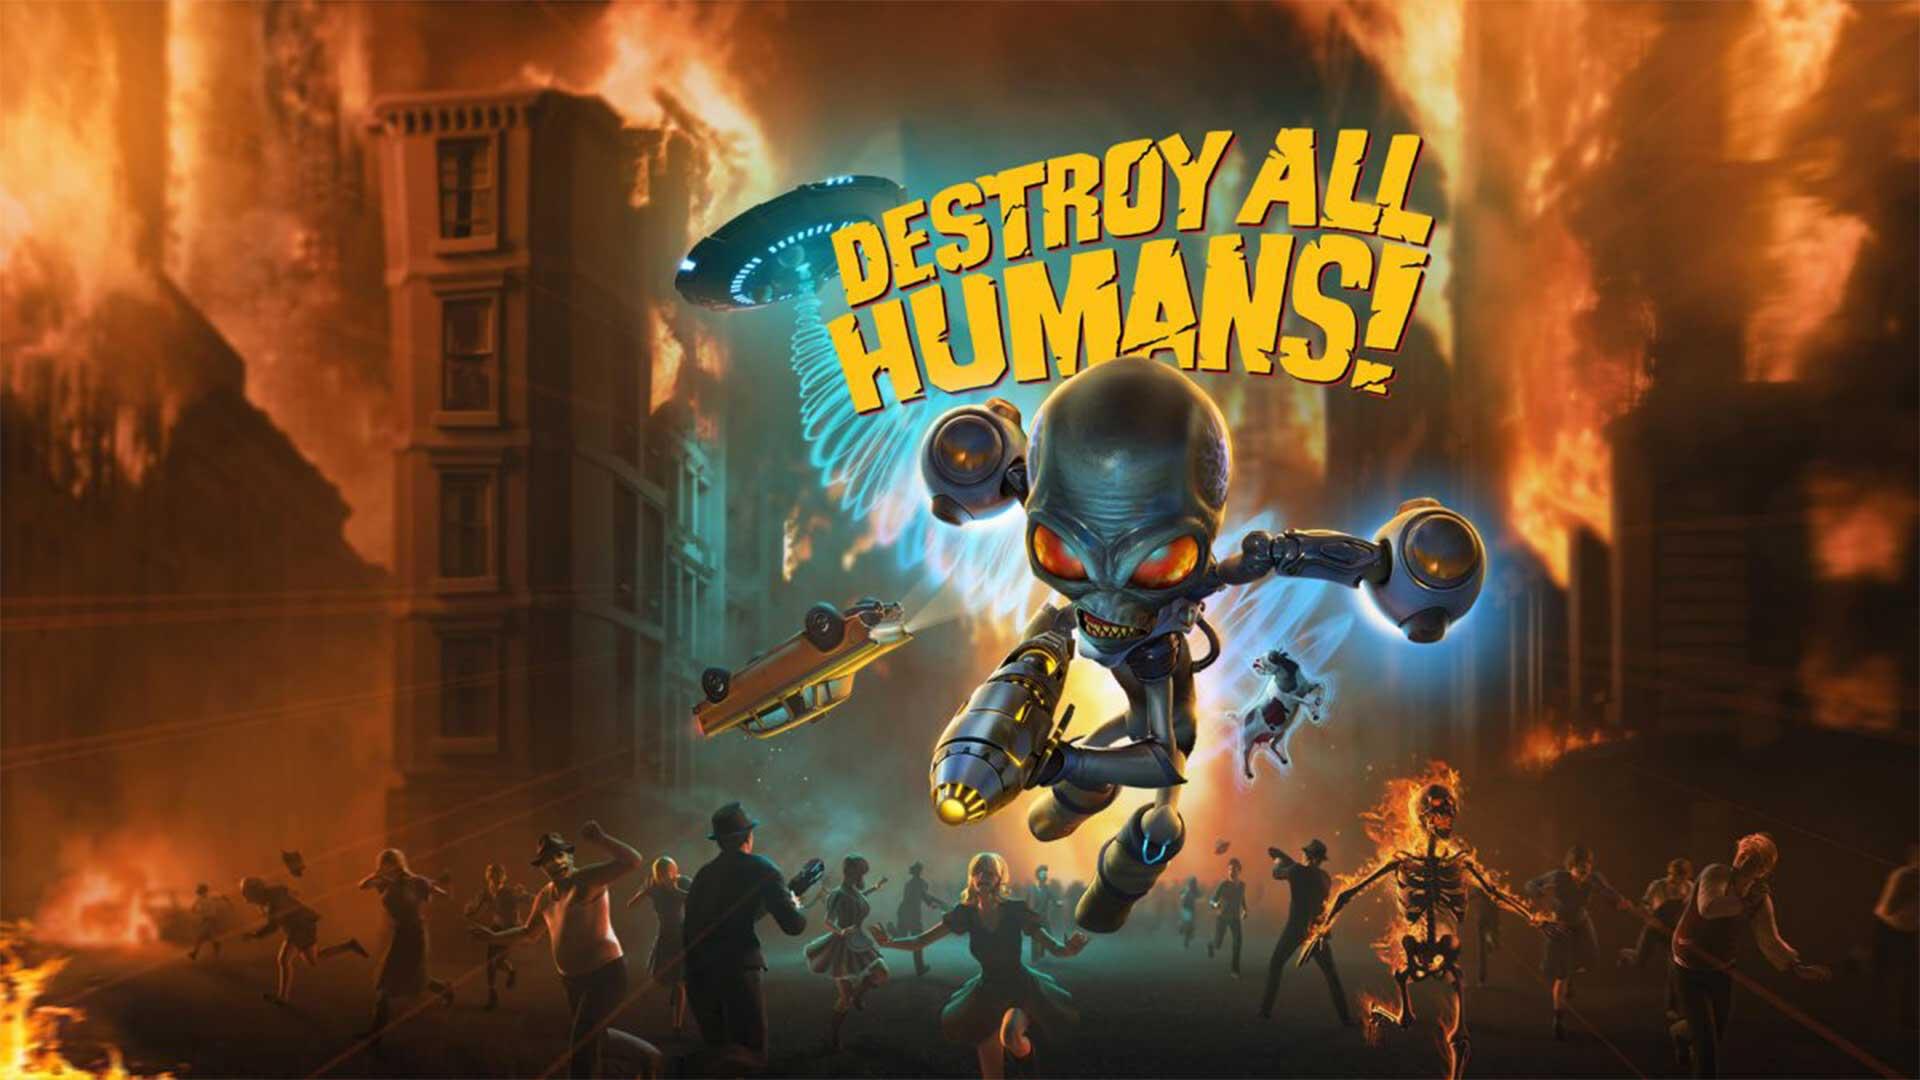 Руководство для новичков по игре Destroy all humans!